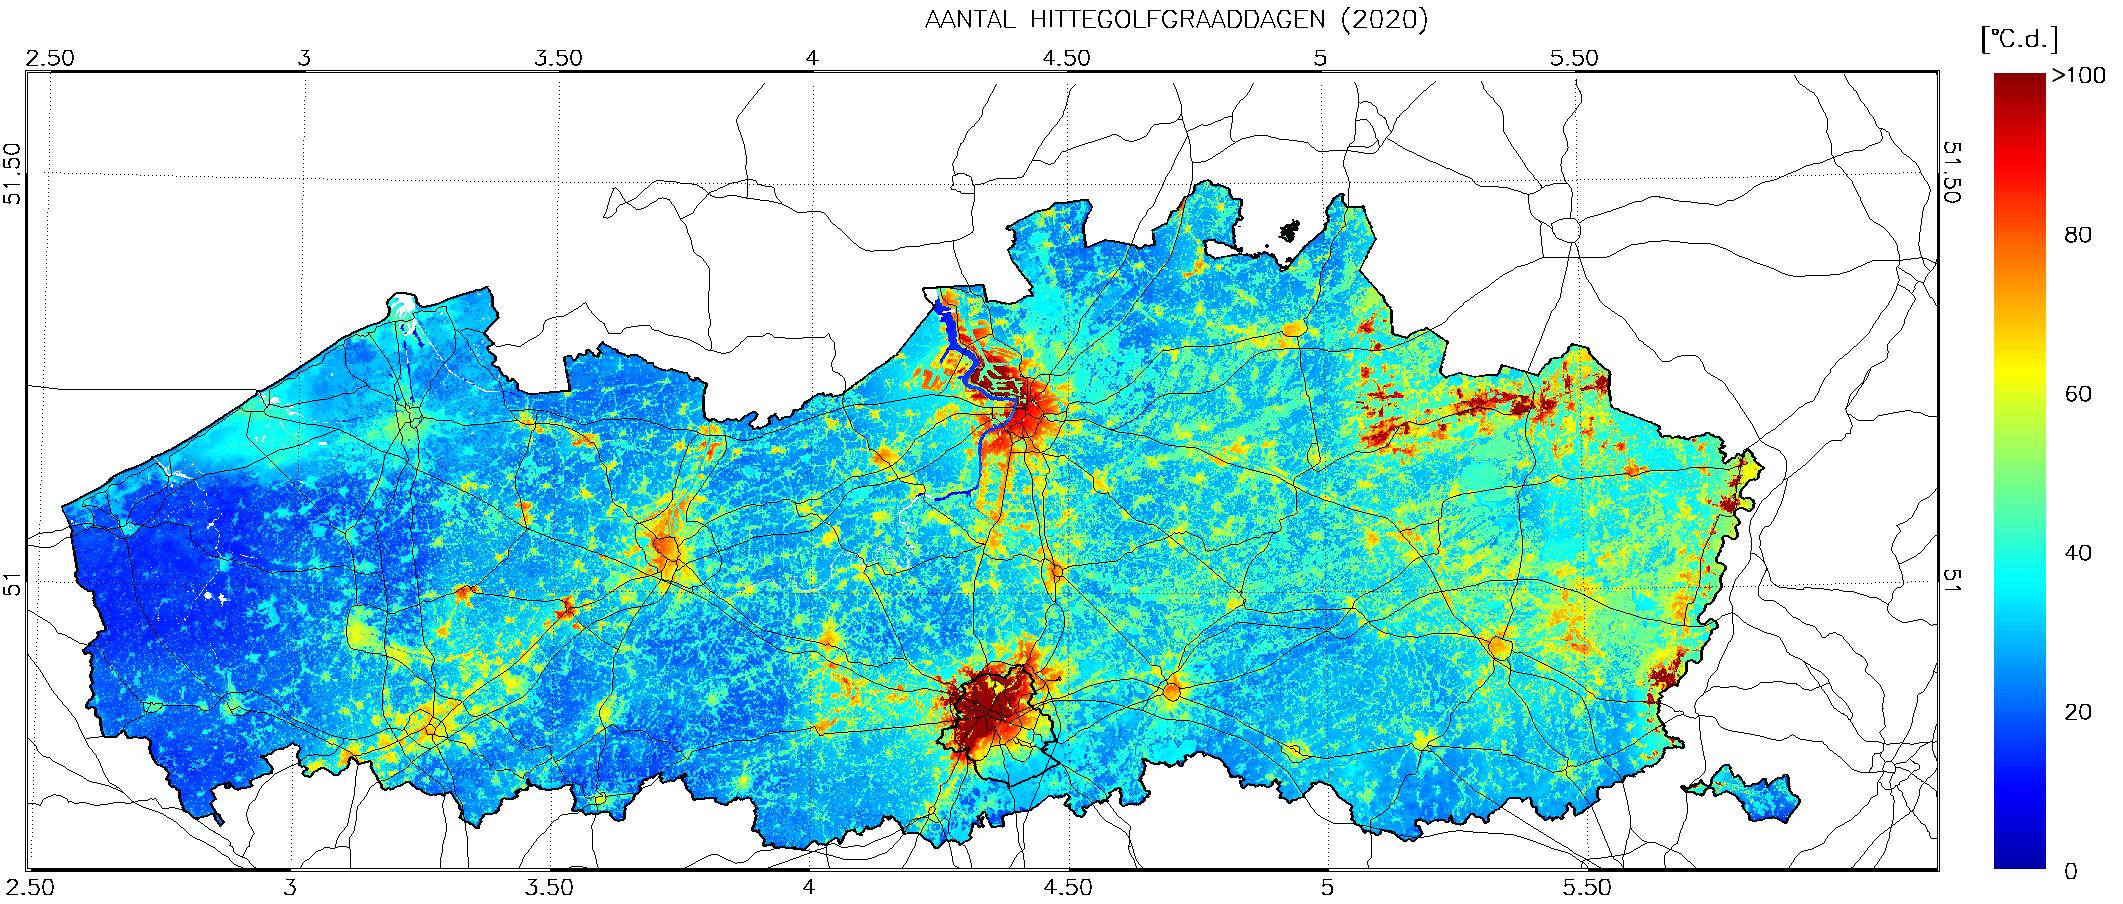 Spreiding voorkomen aantal hittegolfgraaddagen in de zomer van 2020 (Vlaanderen)